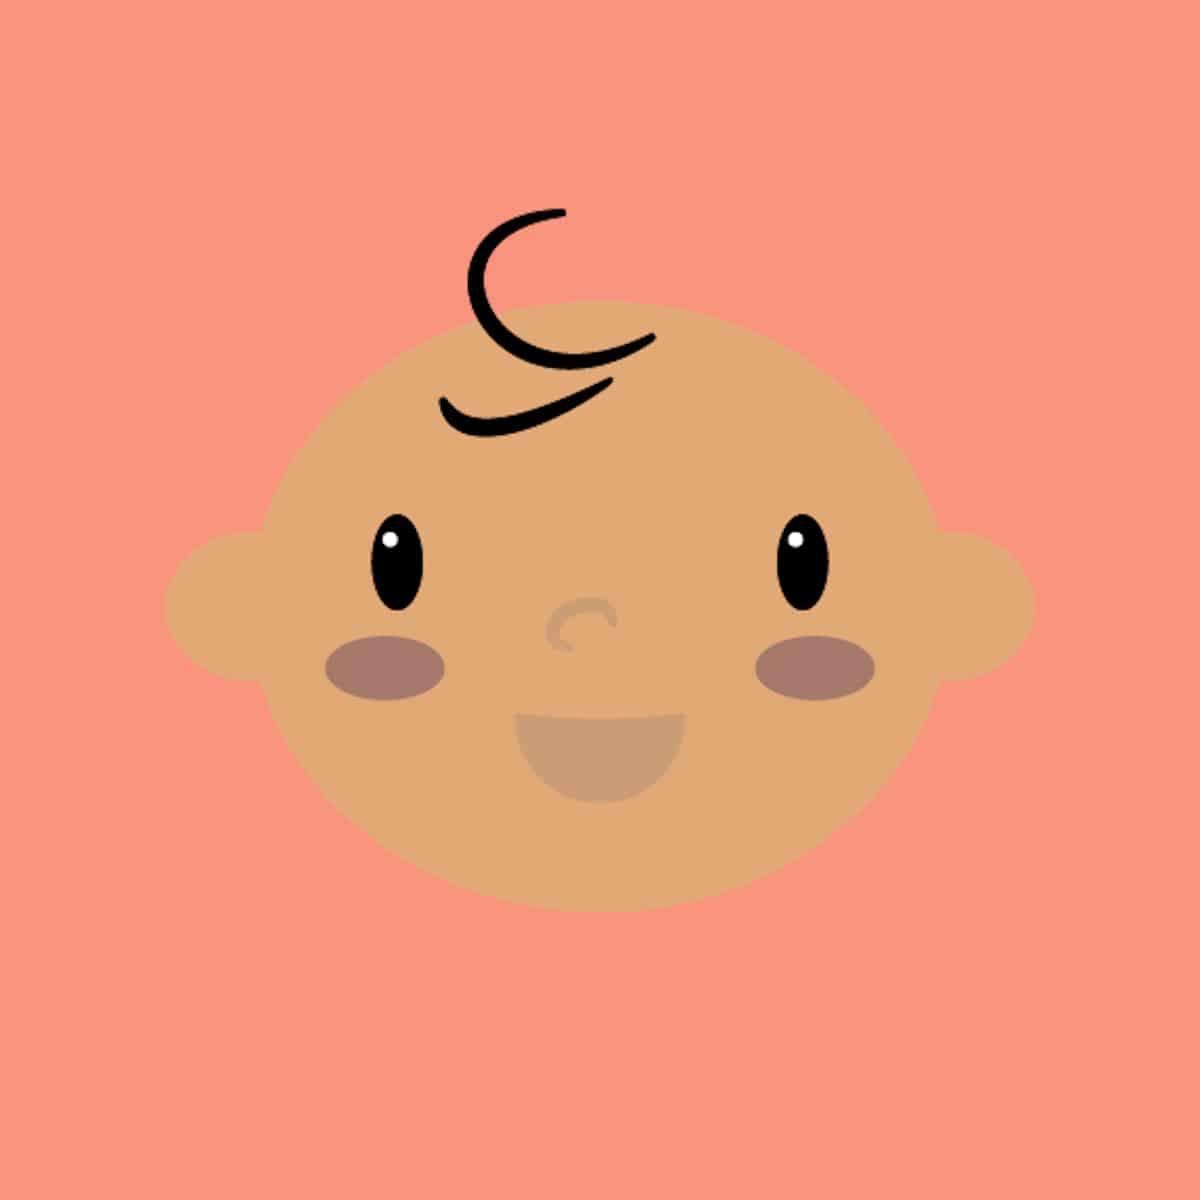 Icono bebé